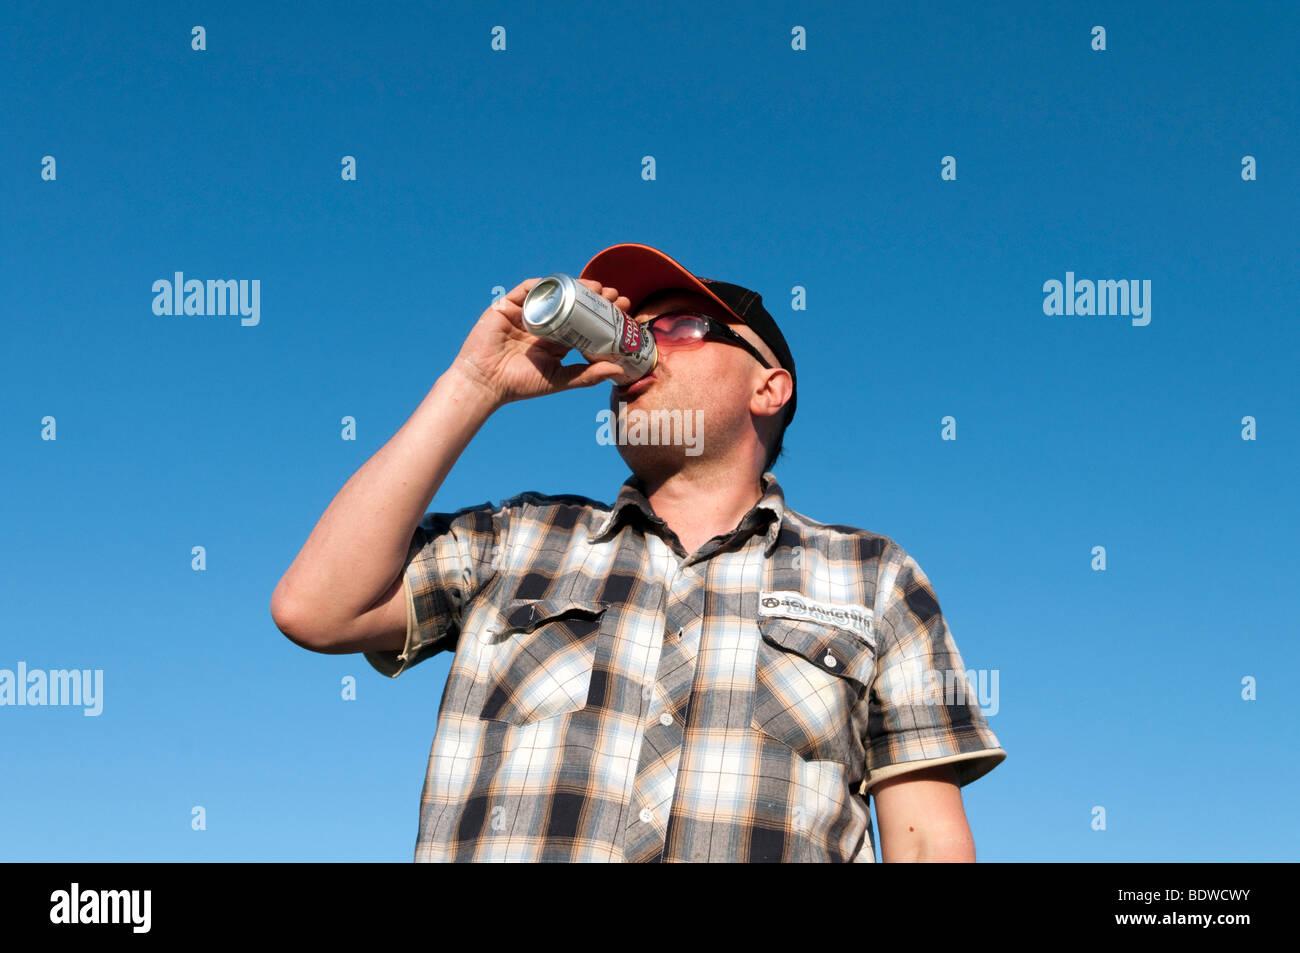 Uomo di bere birra lager da un possibile, England, Regno Unito Immagini Stock